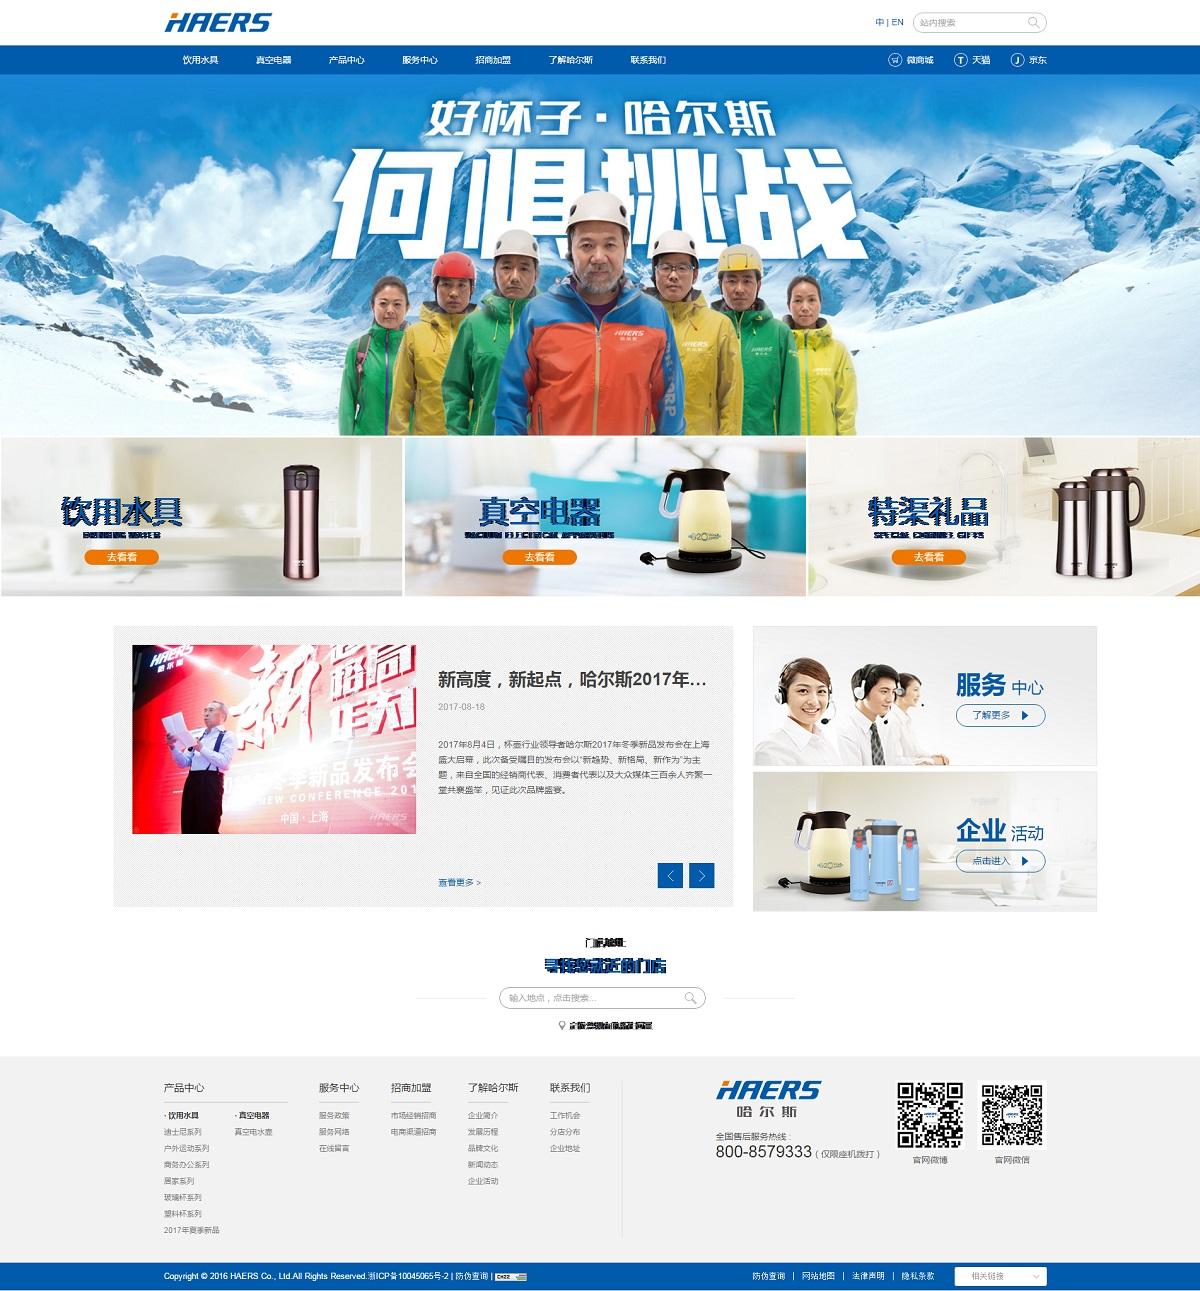 哈尔斯品牌官方网站1.jpg